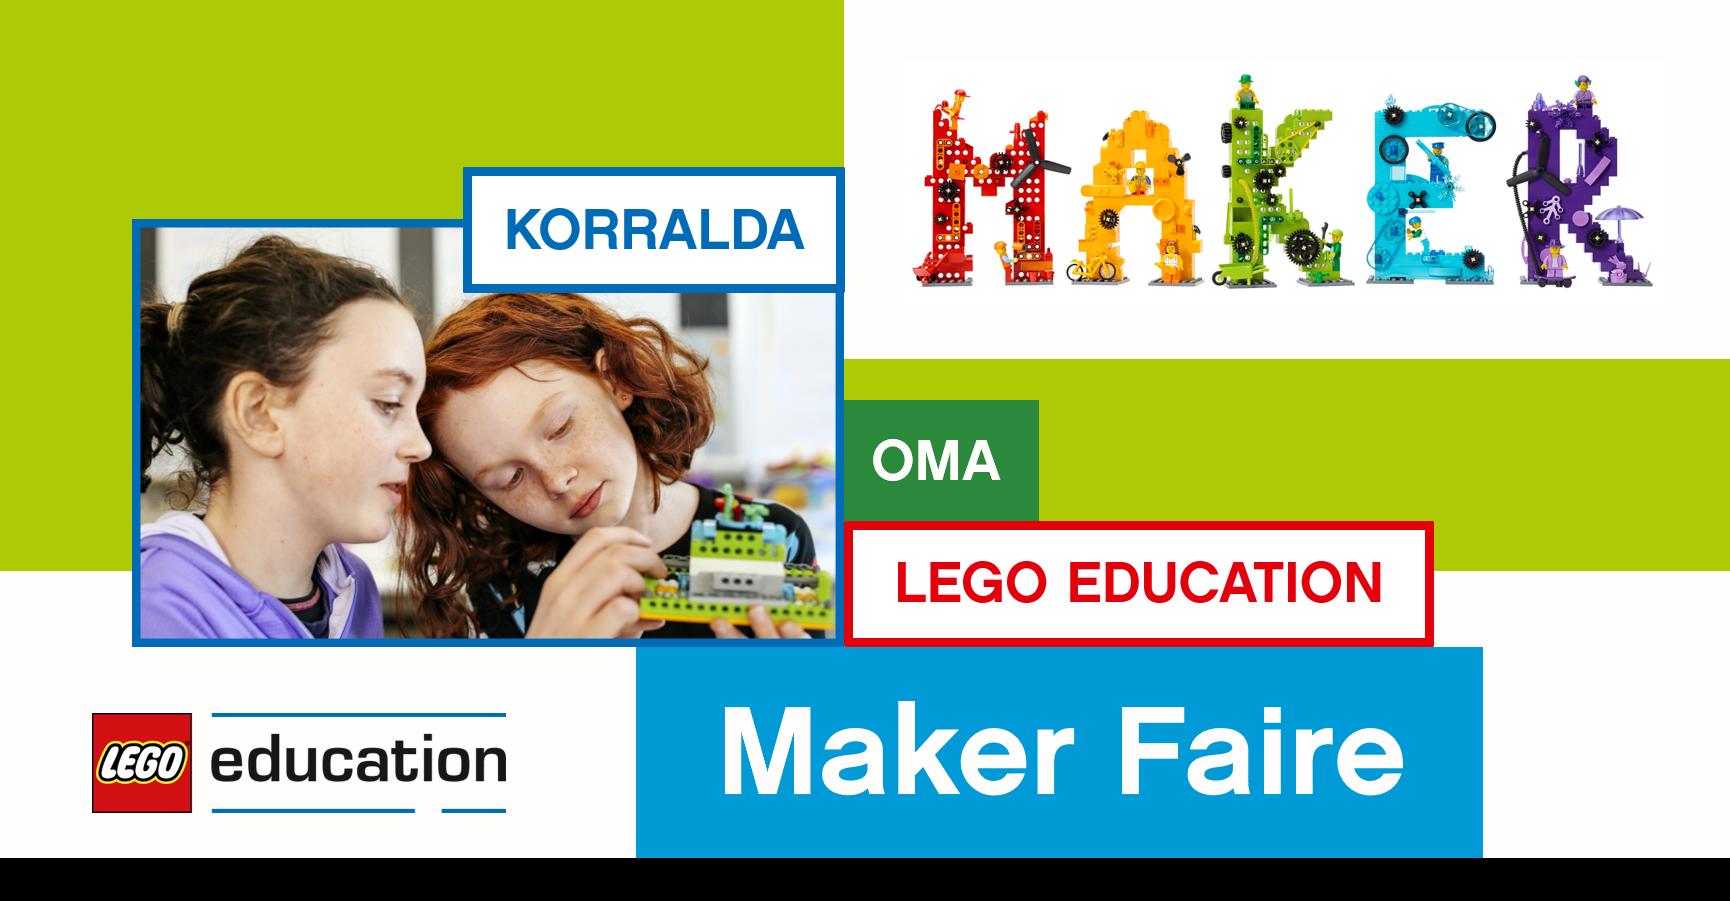 Korralda oktoobris LEGO Education Maker Faire raames oma leiutamissündmus ja tähistame sellega rahvusvahelist programmeerimisnädalat Code Week.